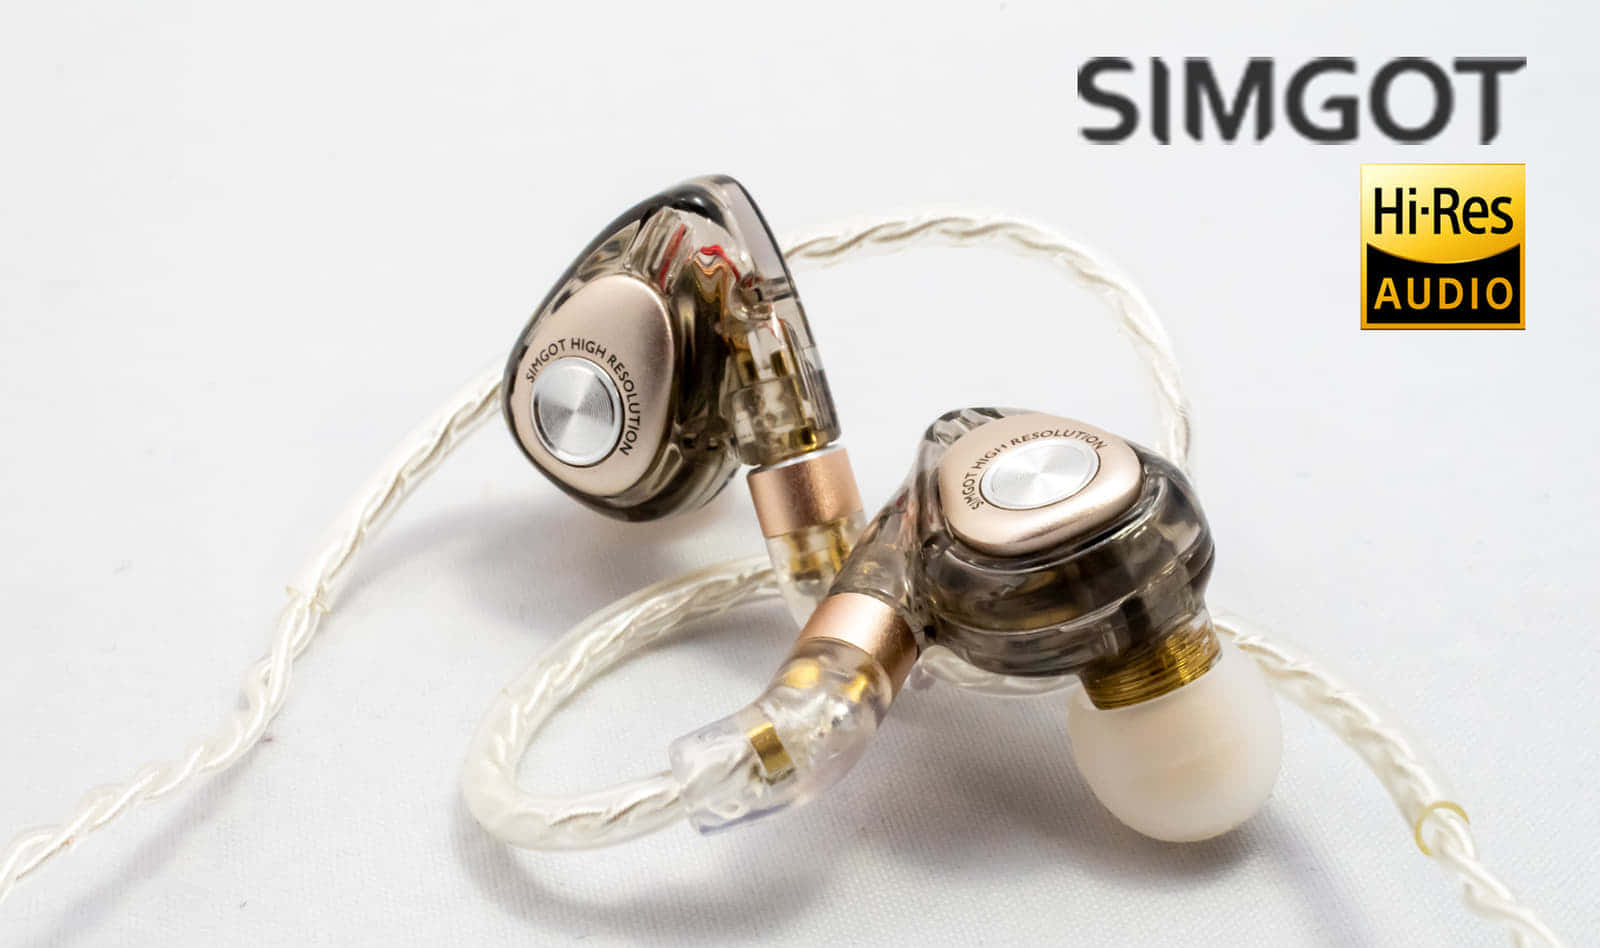 SIMGOT EM2、ハイレゾ対応ハイブリットイヤホンレビュー、ボリュームゾーンの実力派